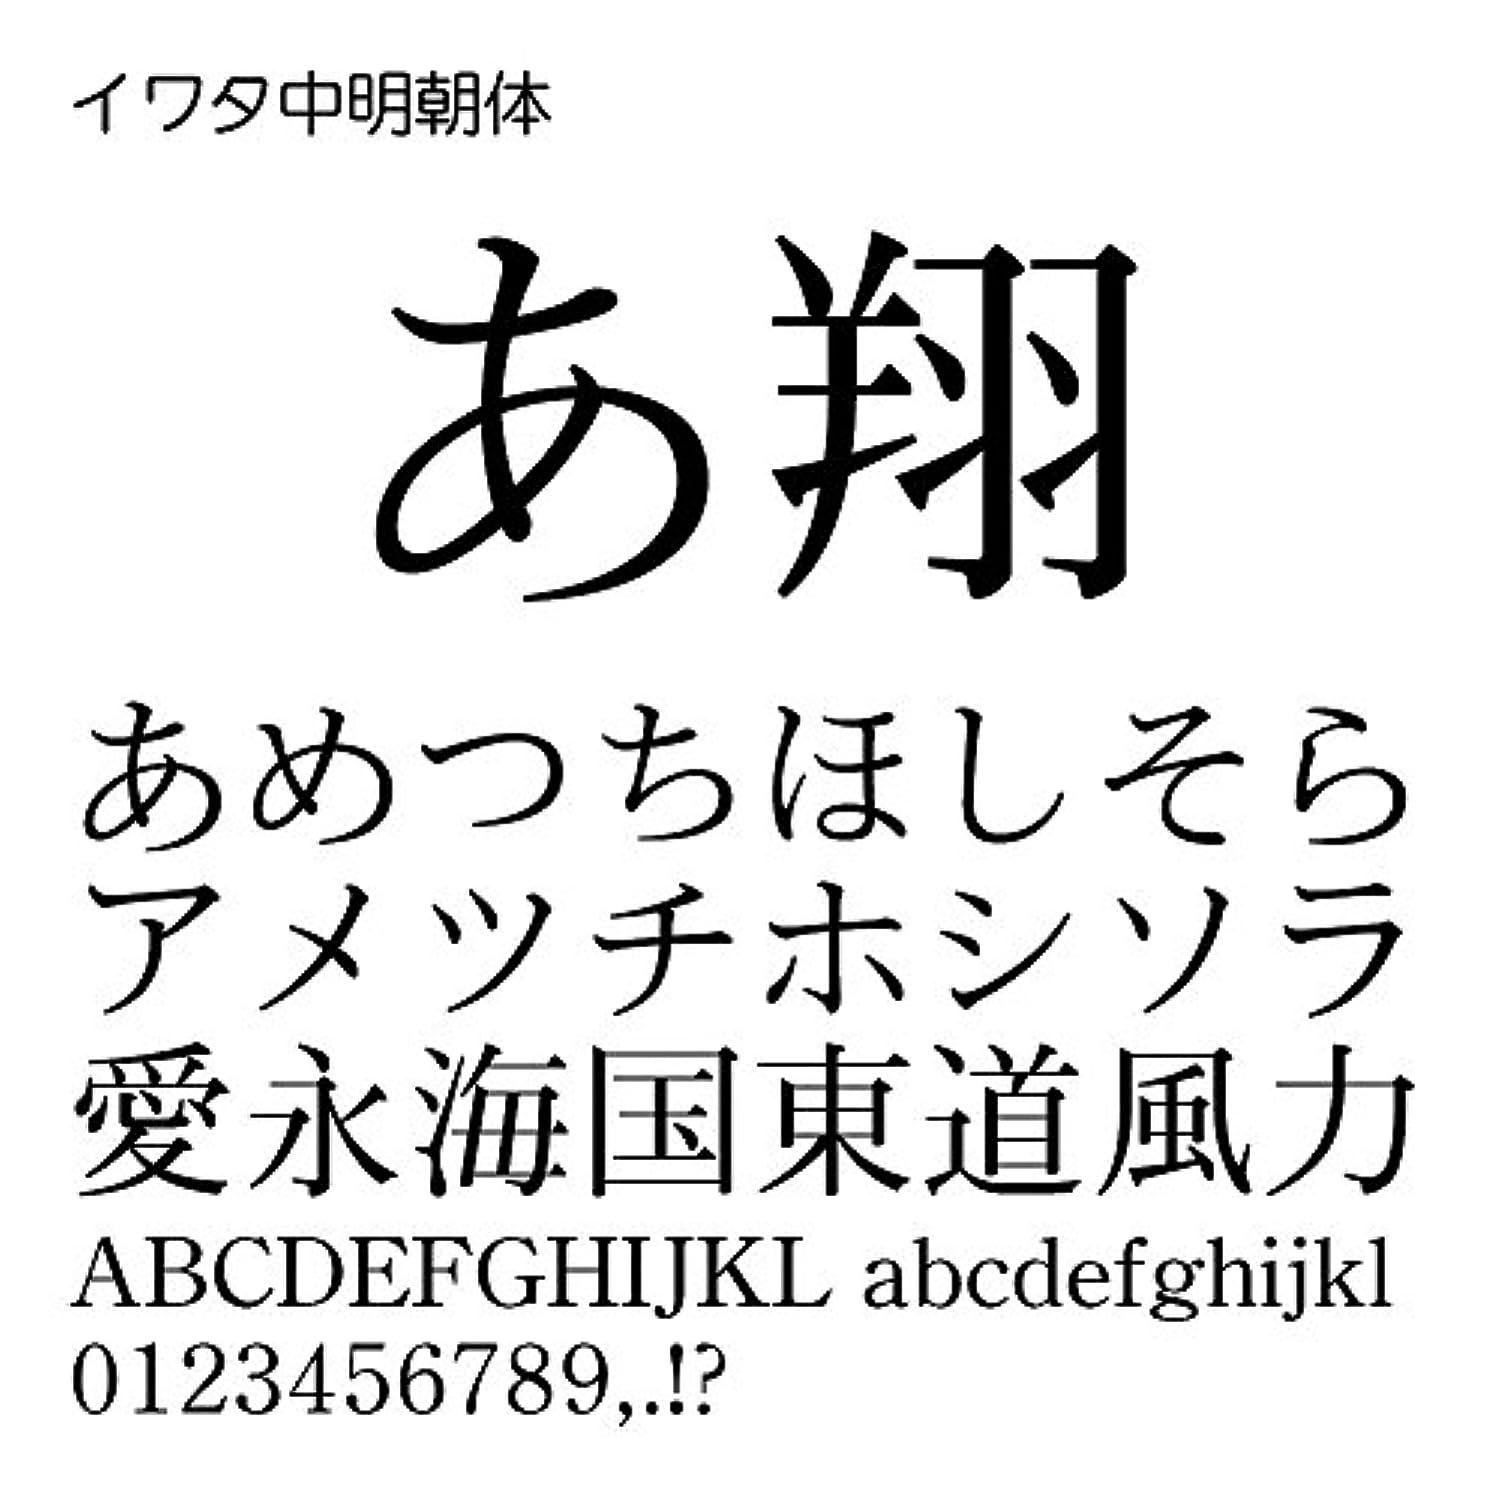 毎週紀元前朝イワタ中明朝体 TrueType Font for Windows [ダウンロード]